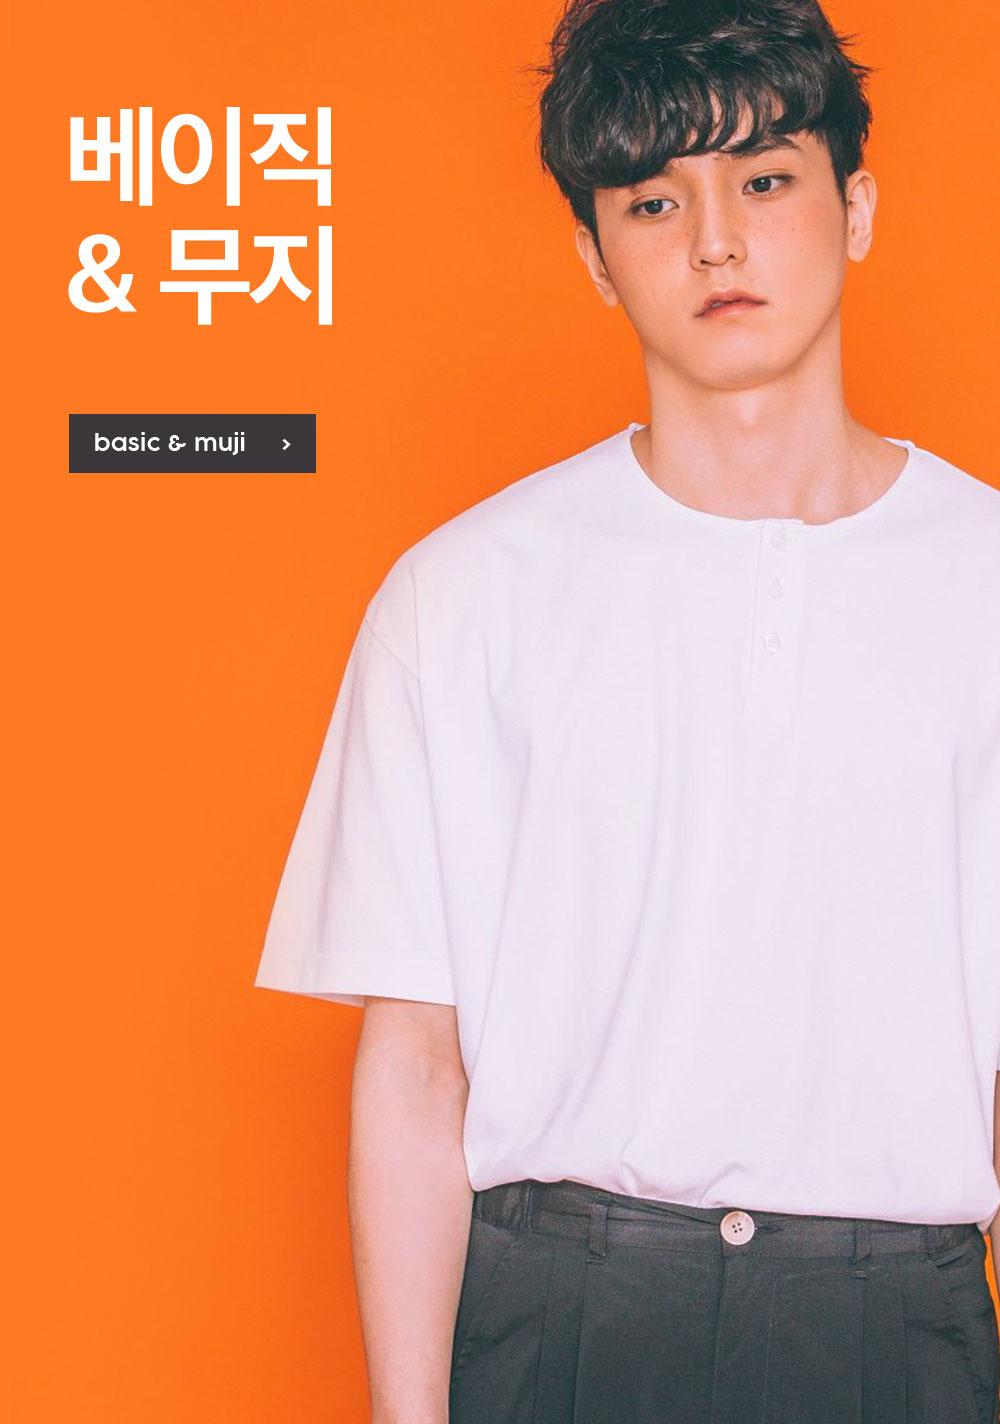 [반팔] 베이직/무지